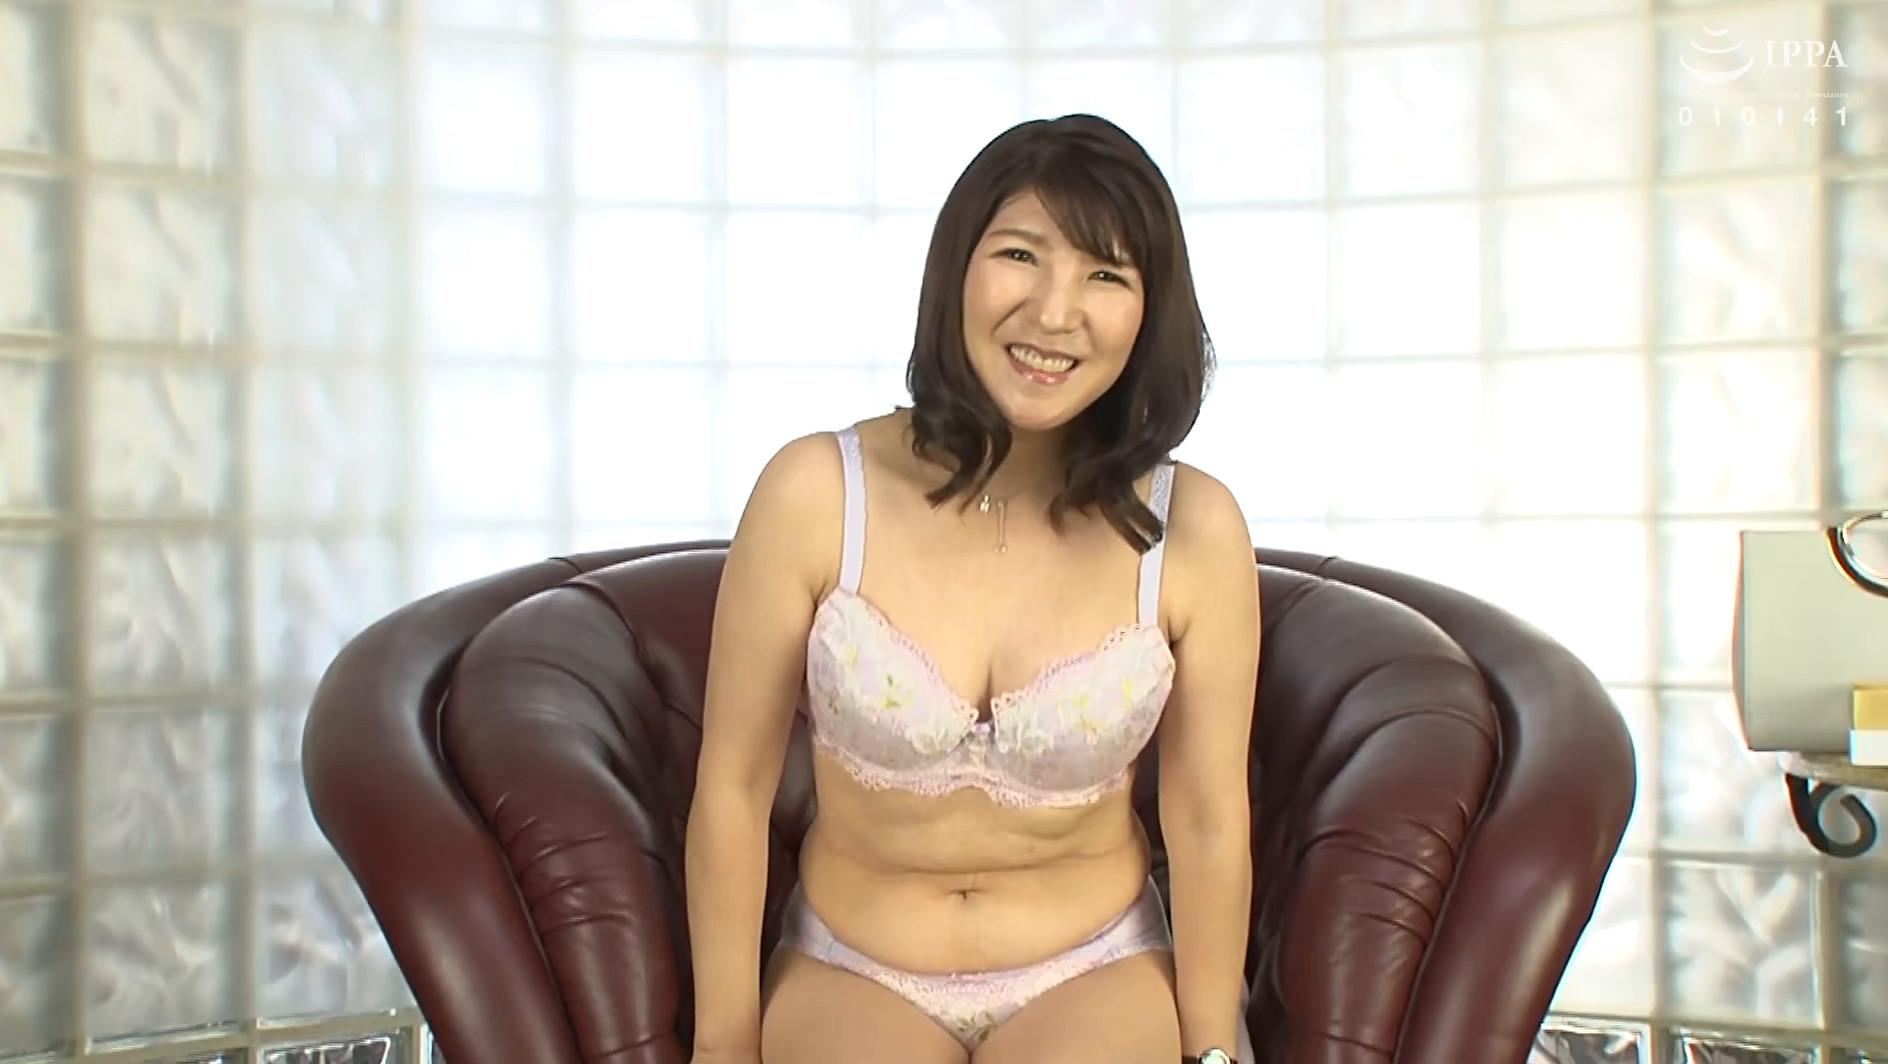 【四十路】こはる 46歳(初脱ぎ・千葉県在住・専業主婦) 画像2